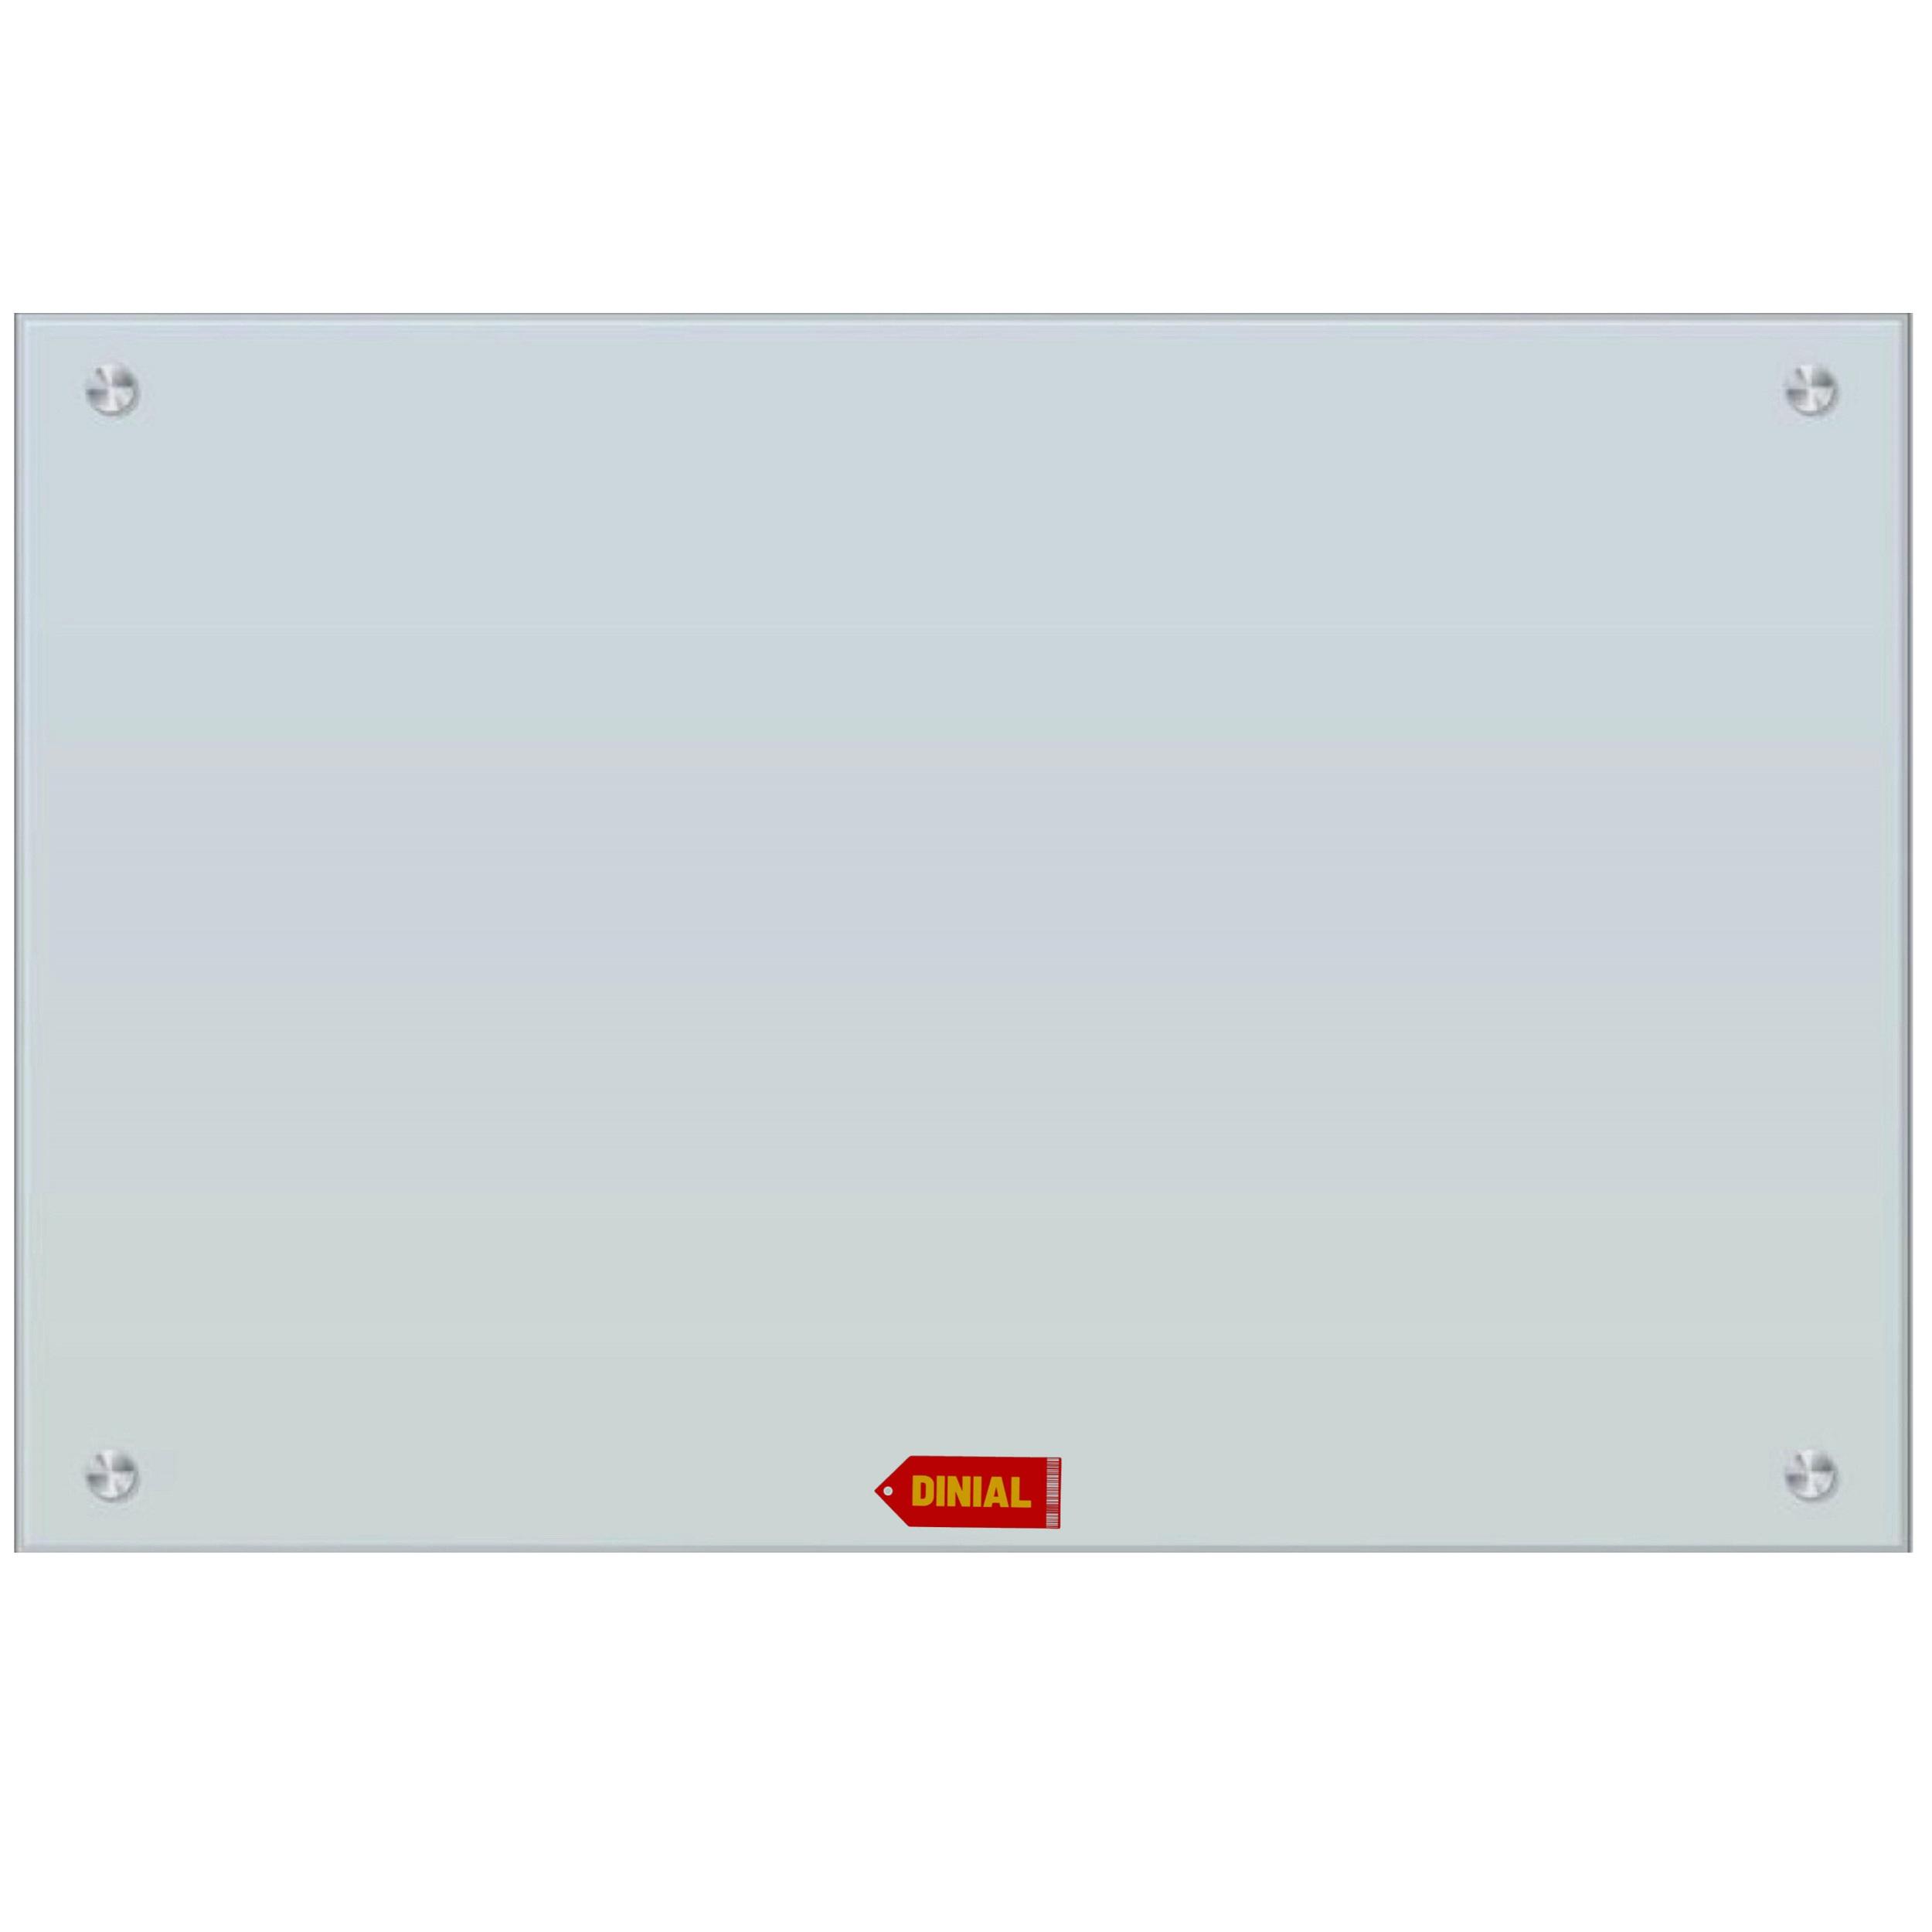 تخته وایت برد شیشه ای مدل DINIAL 7347 سایز 70×100 سانتی متر